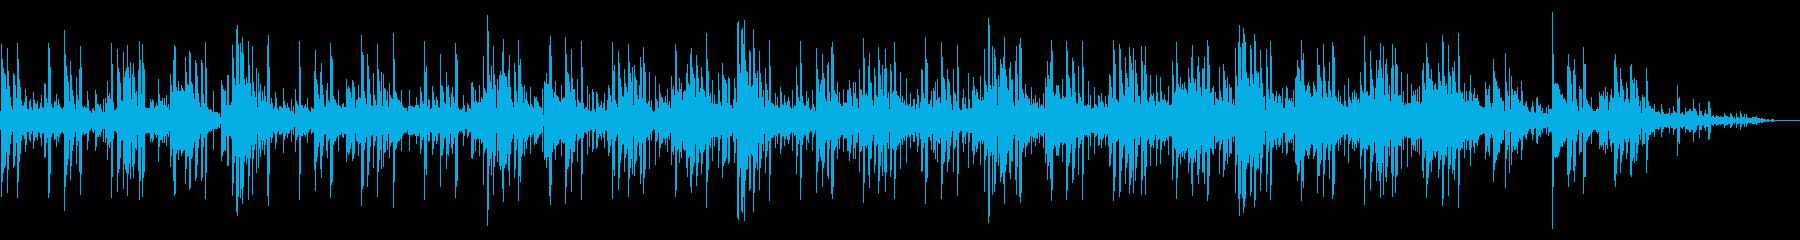 アコギテイストの王道R&Bトラックの再生済みの波形